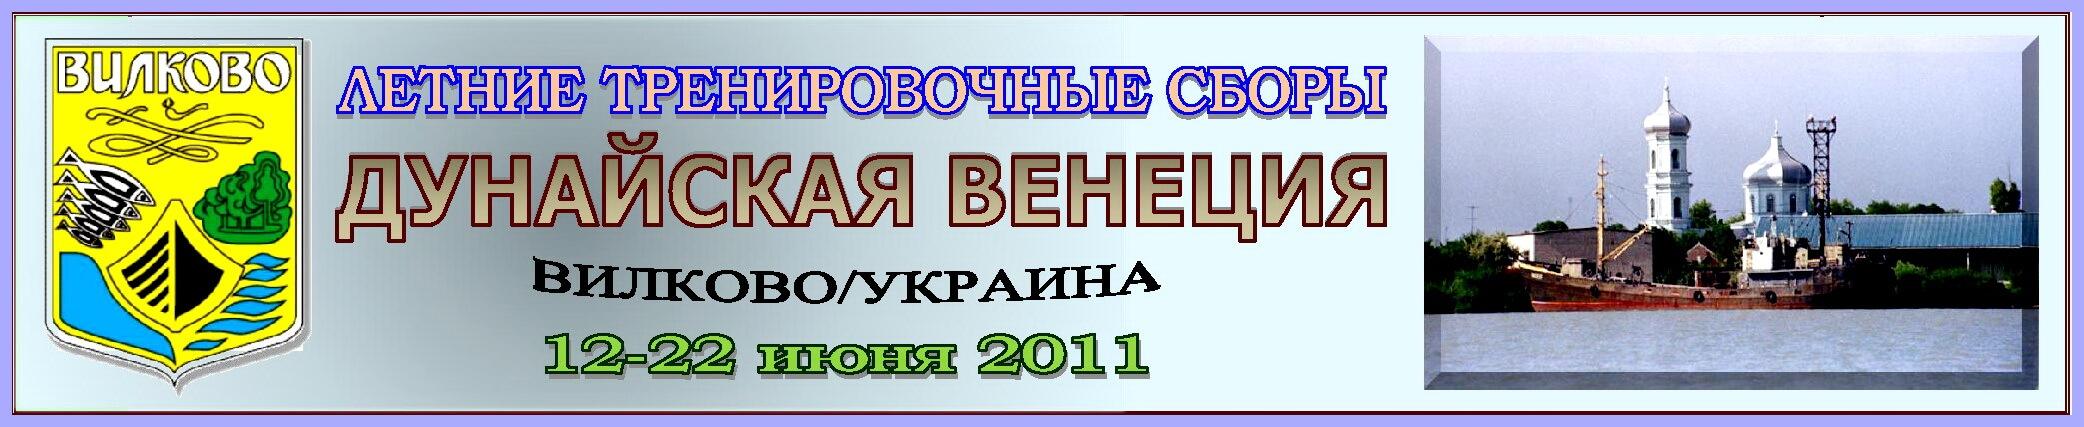 Вилково-2011 Баннер